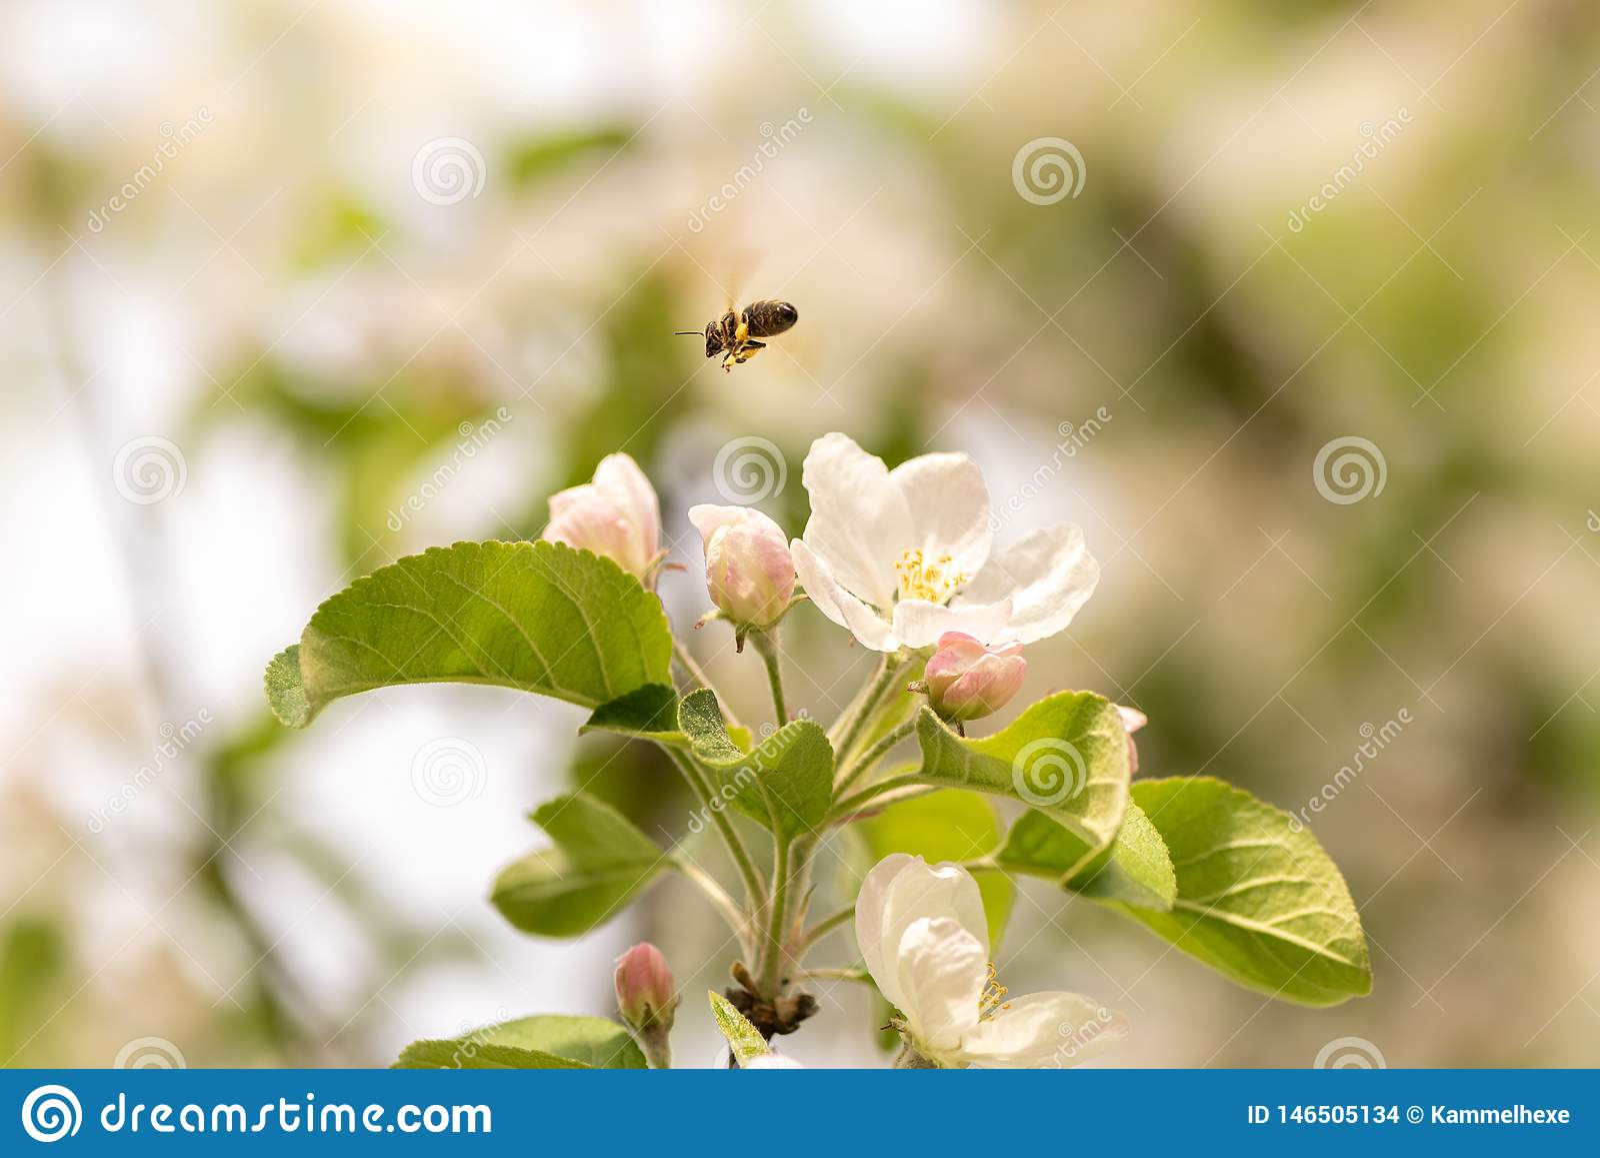 蜂收集在苹果开花-在天空蔚蓝前面的蜜蜂的蜂蜜